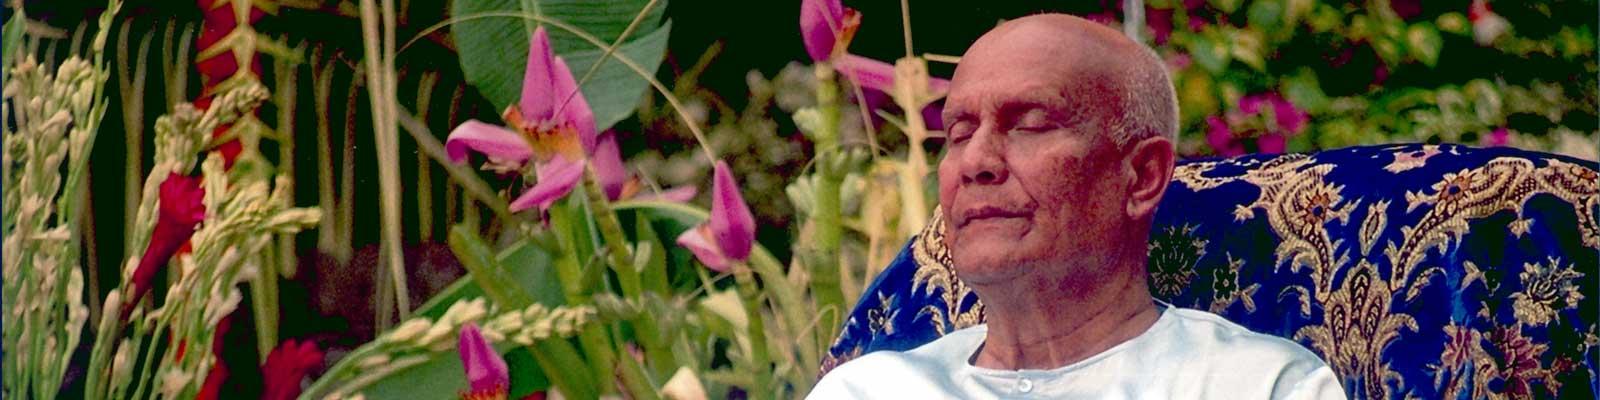 Основы медитации - Шри Чинмой